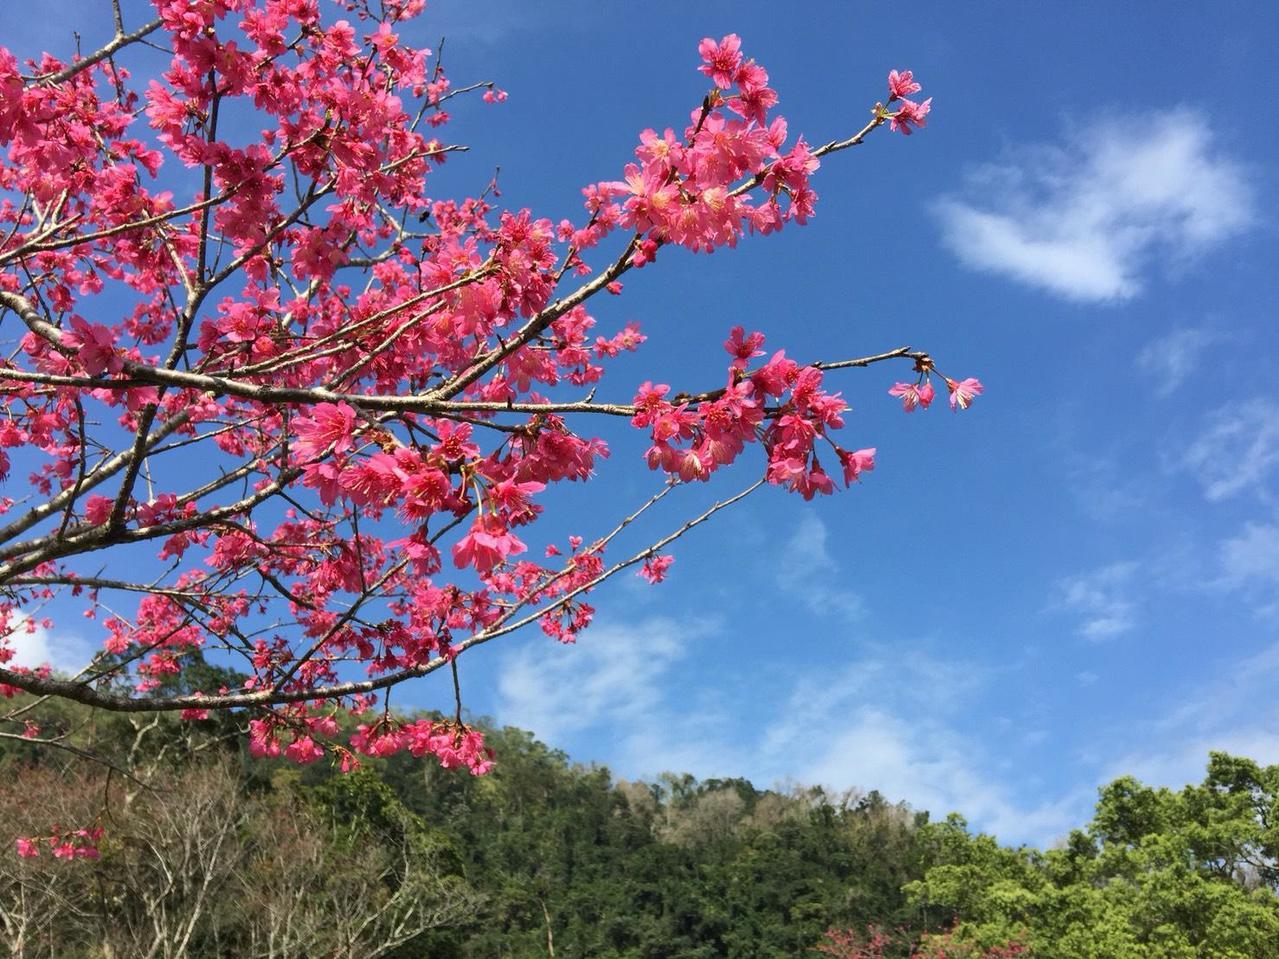 棲蘭櫻花大部分屬於山櫻花,間有幾株紅粉佳人。 圖/雄獅旅遊提供